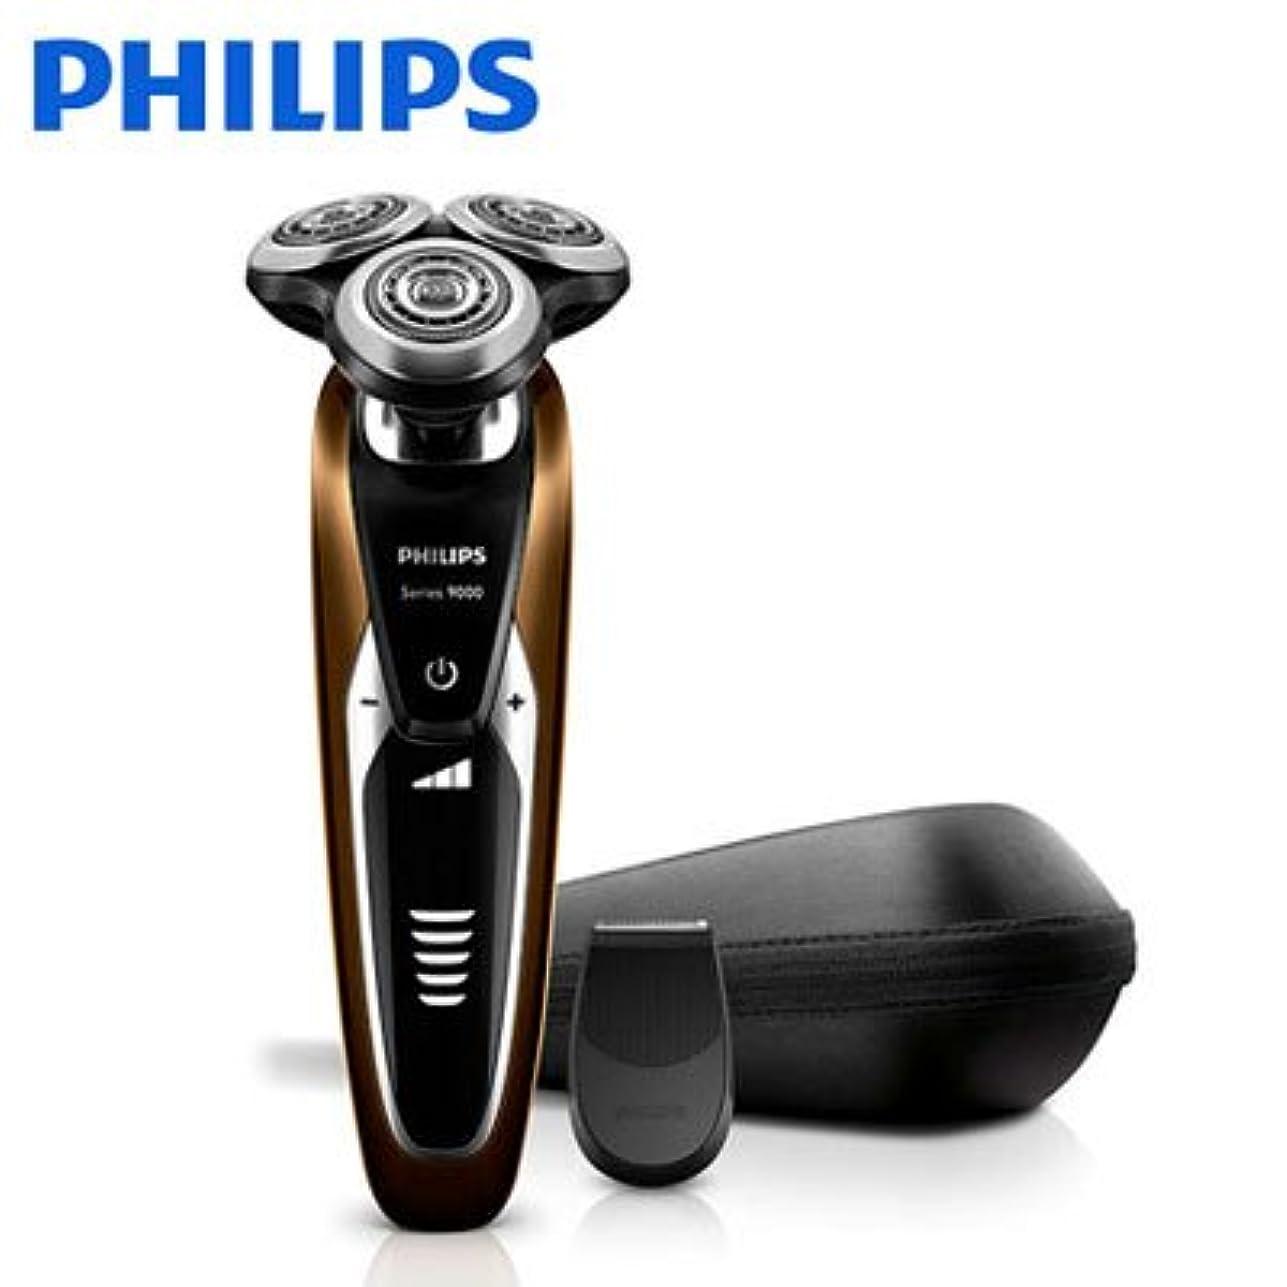 評価する主に研究フィリップス メンズシェーバーPHILIPS 9000シリーズ ウェット&ドライ S9512/12